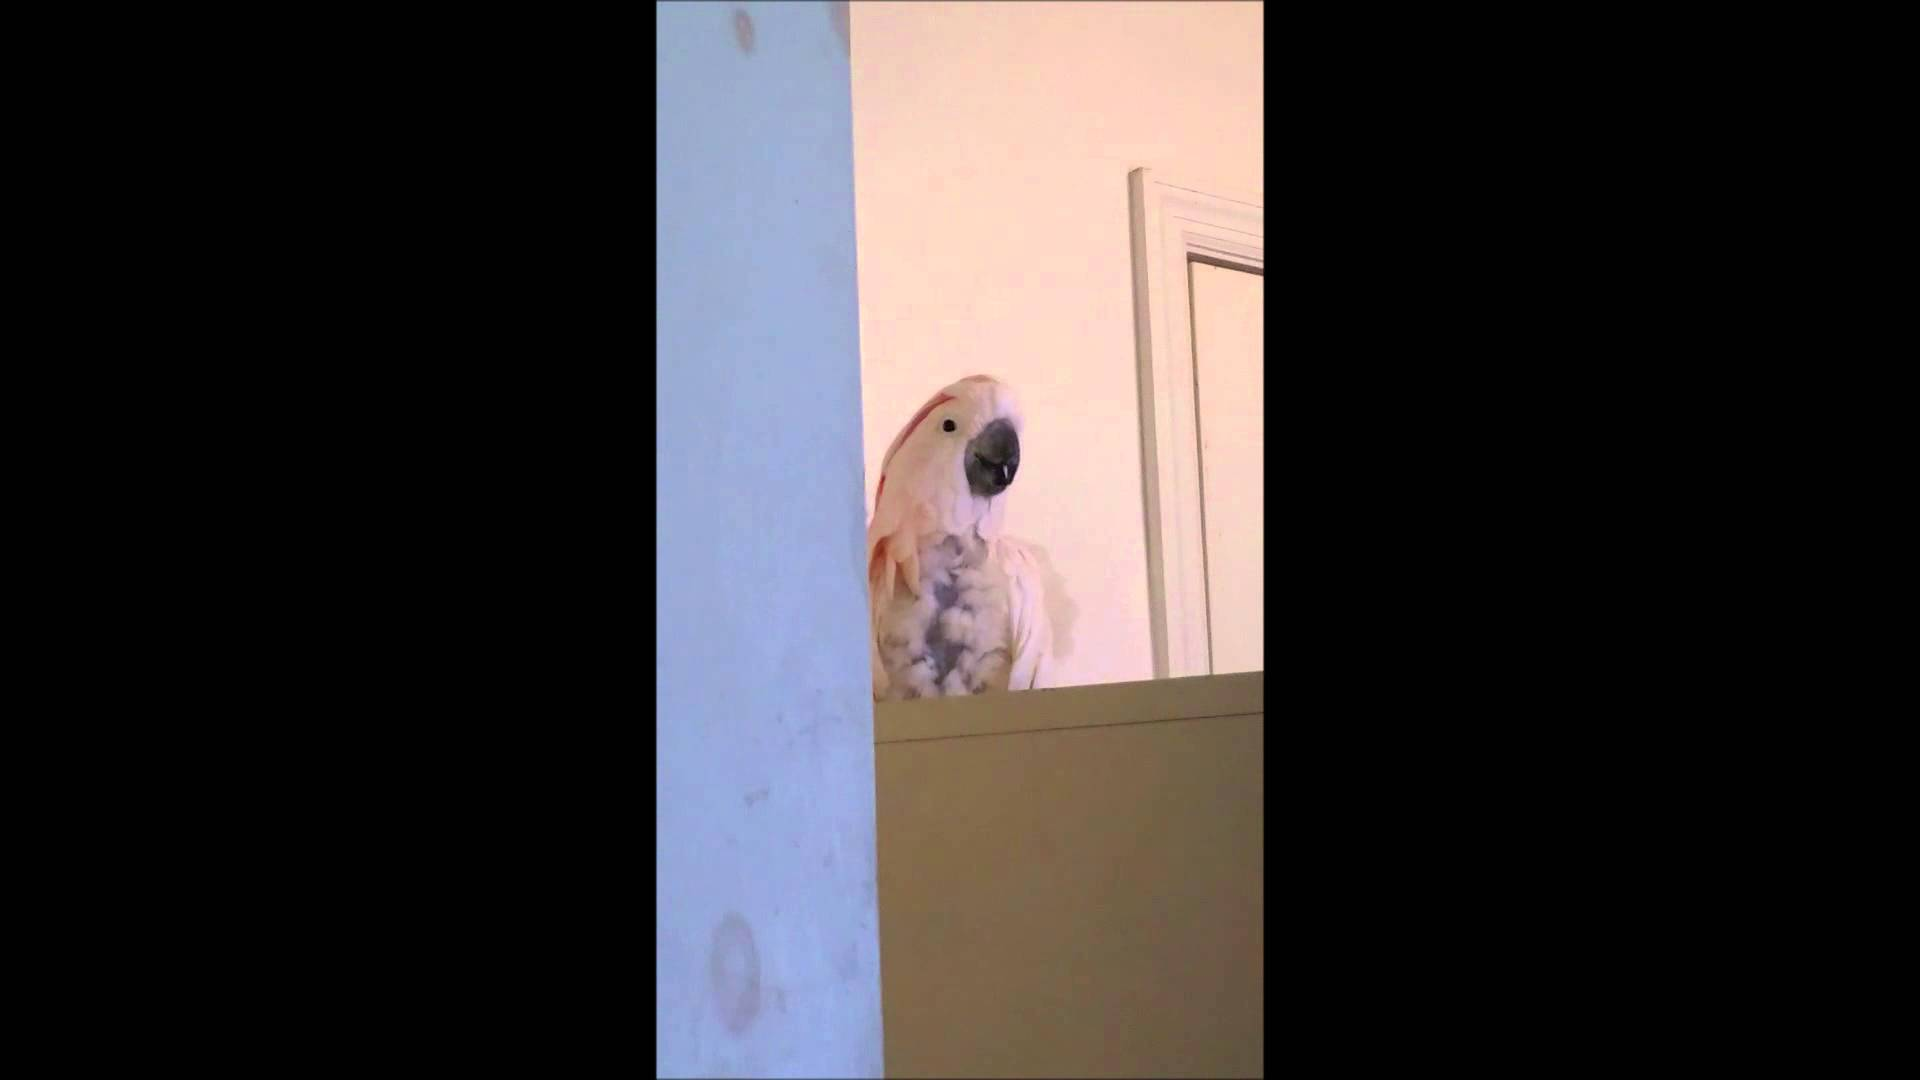 VIDEO: Ovaj kakadue osmislio je pjesmicu